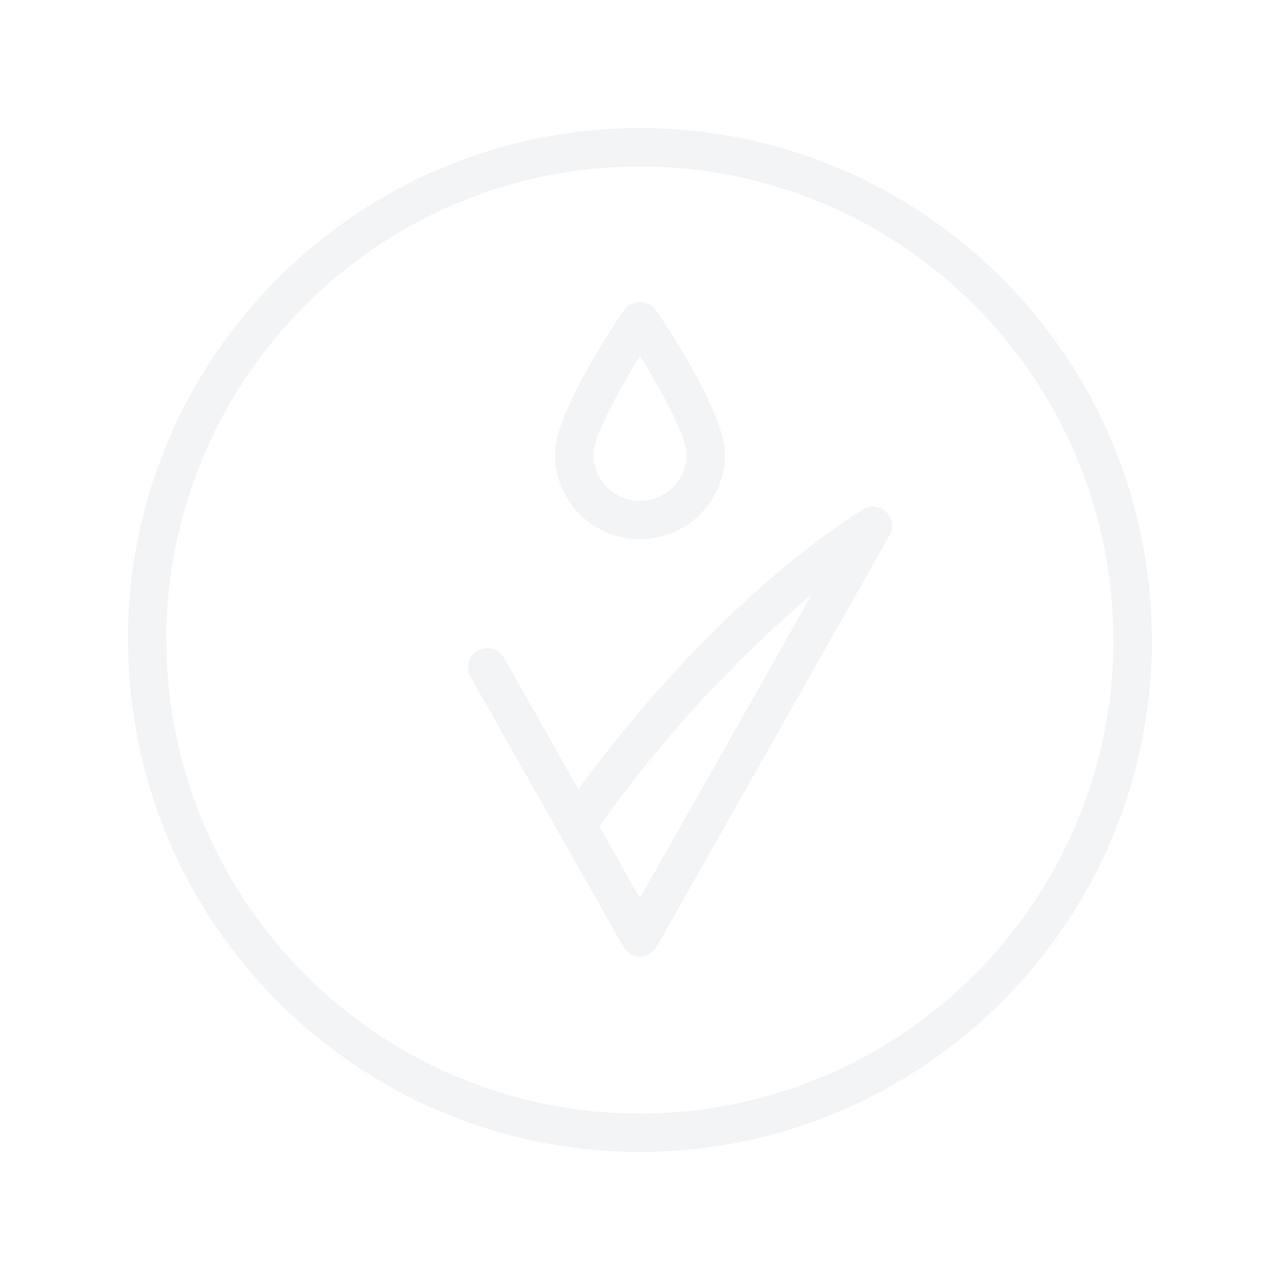 GIORGIO ARMANI Smooth Silk Eye Pencil No.11 1.05g